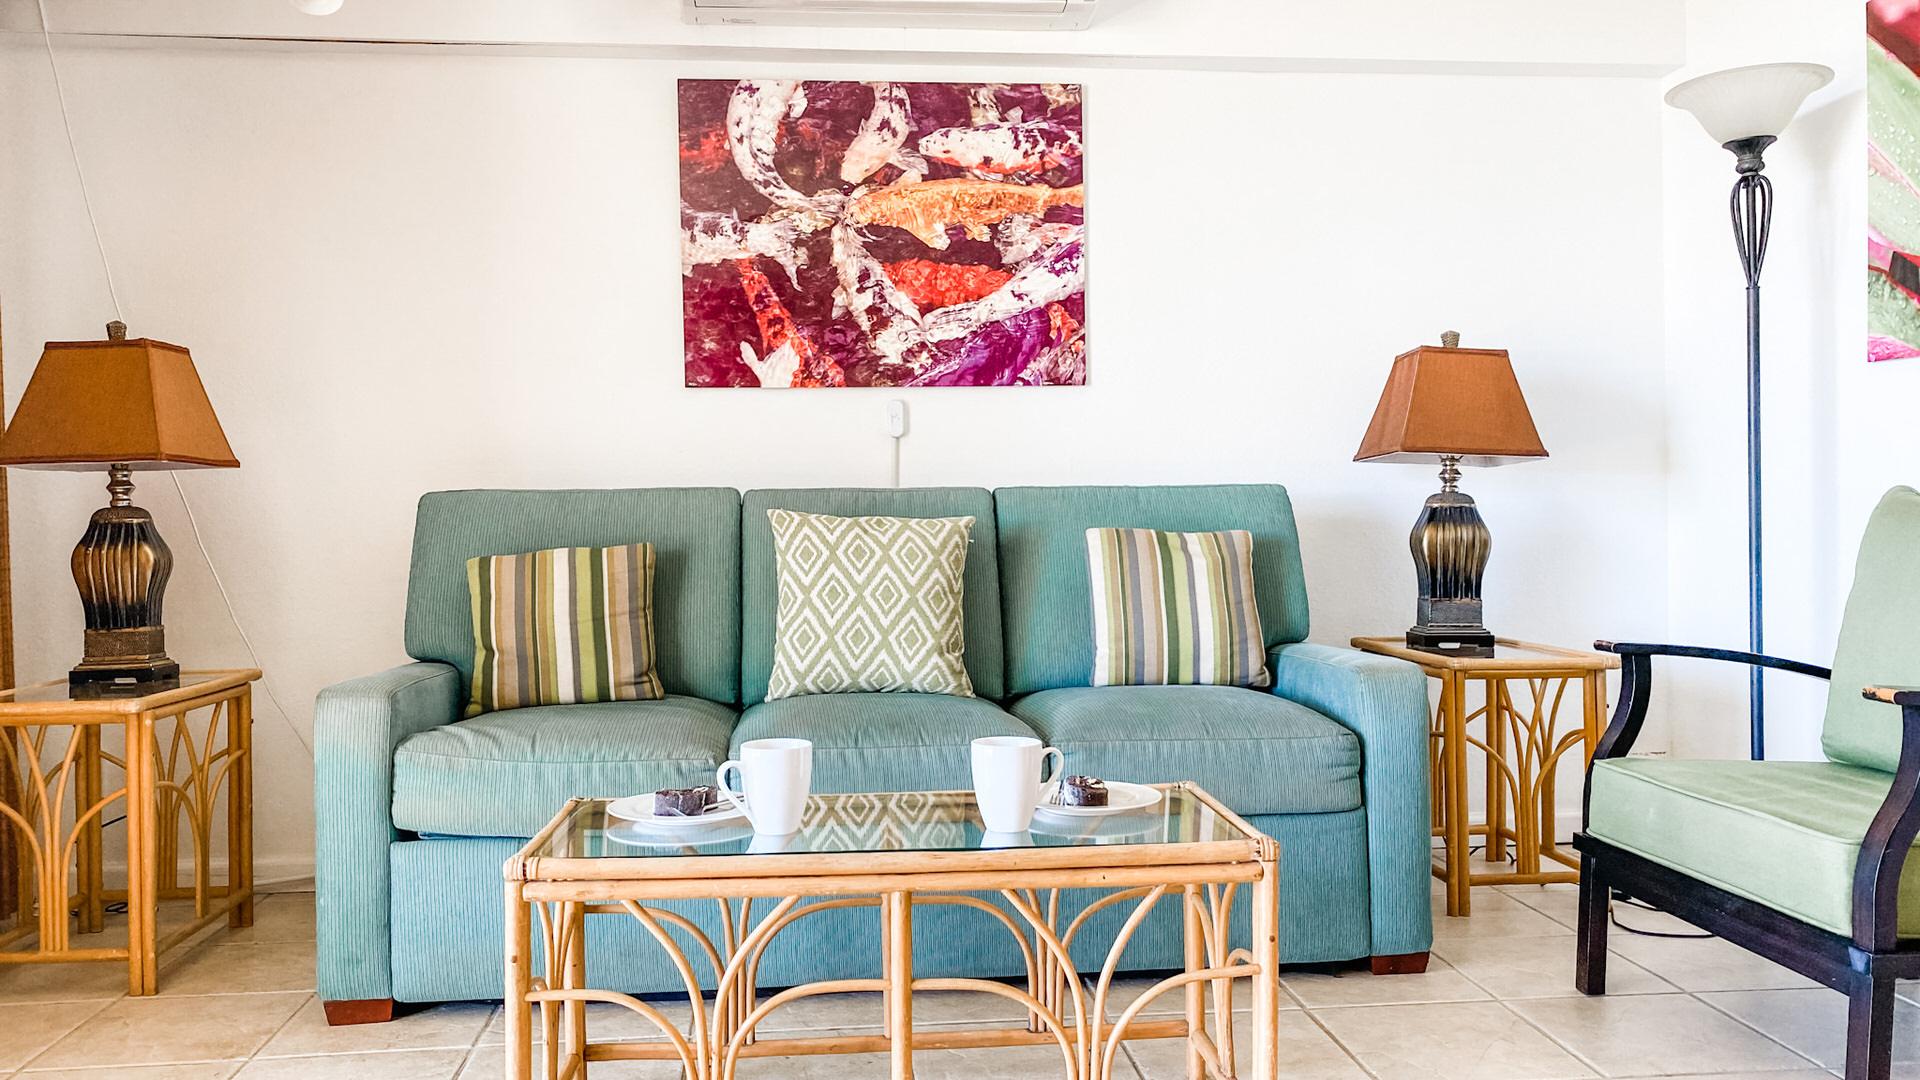 D103 Sofa